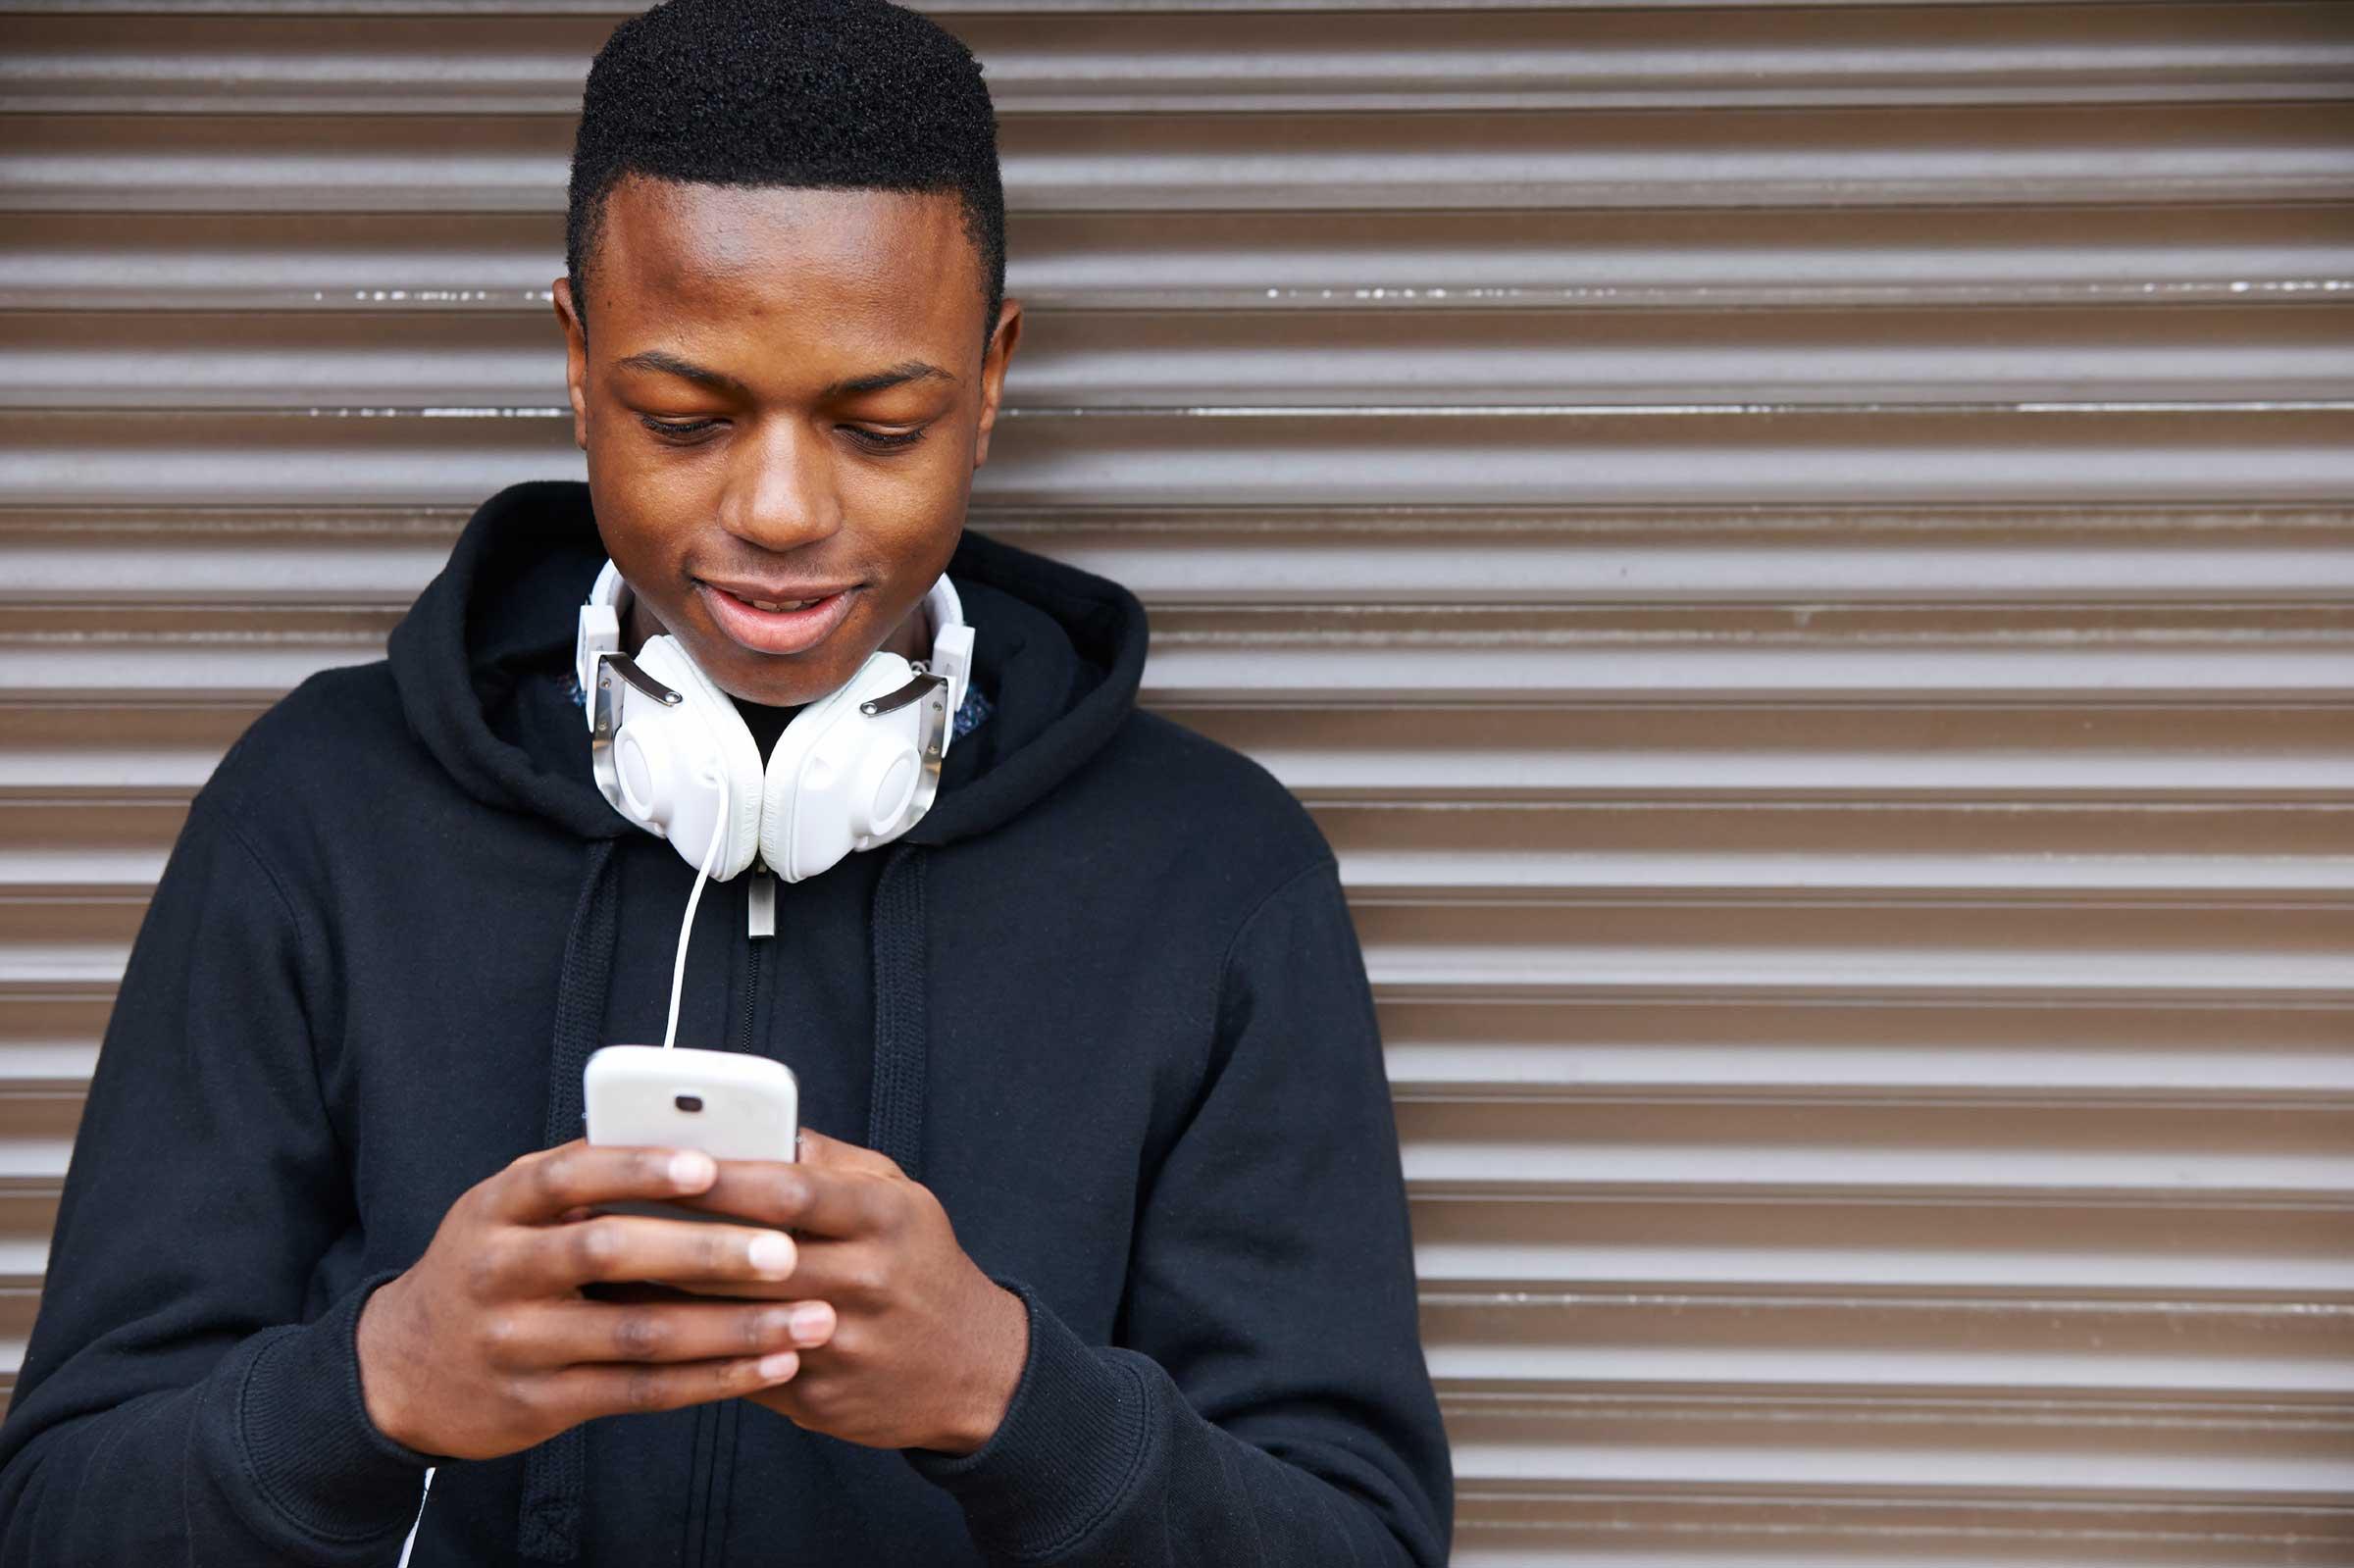 استفاده بیش از حد از گوشی